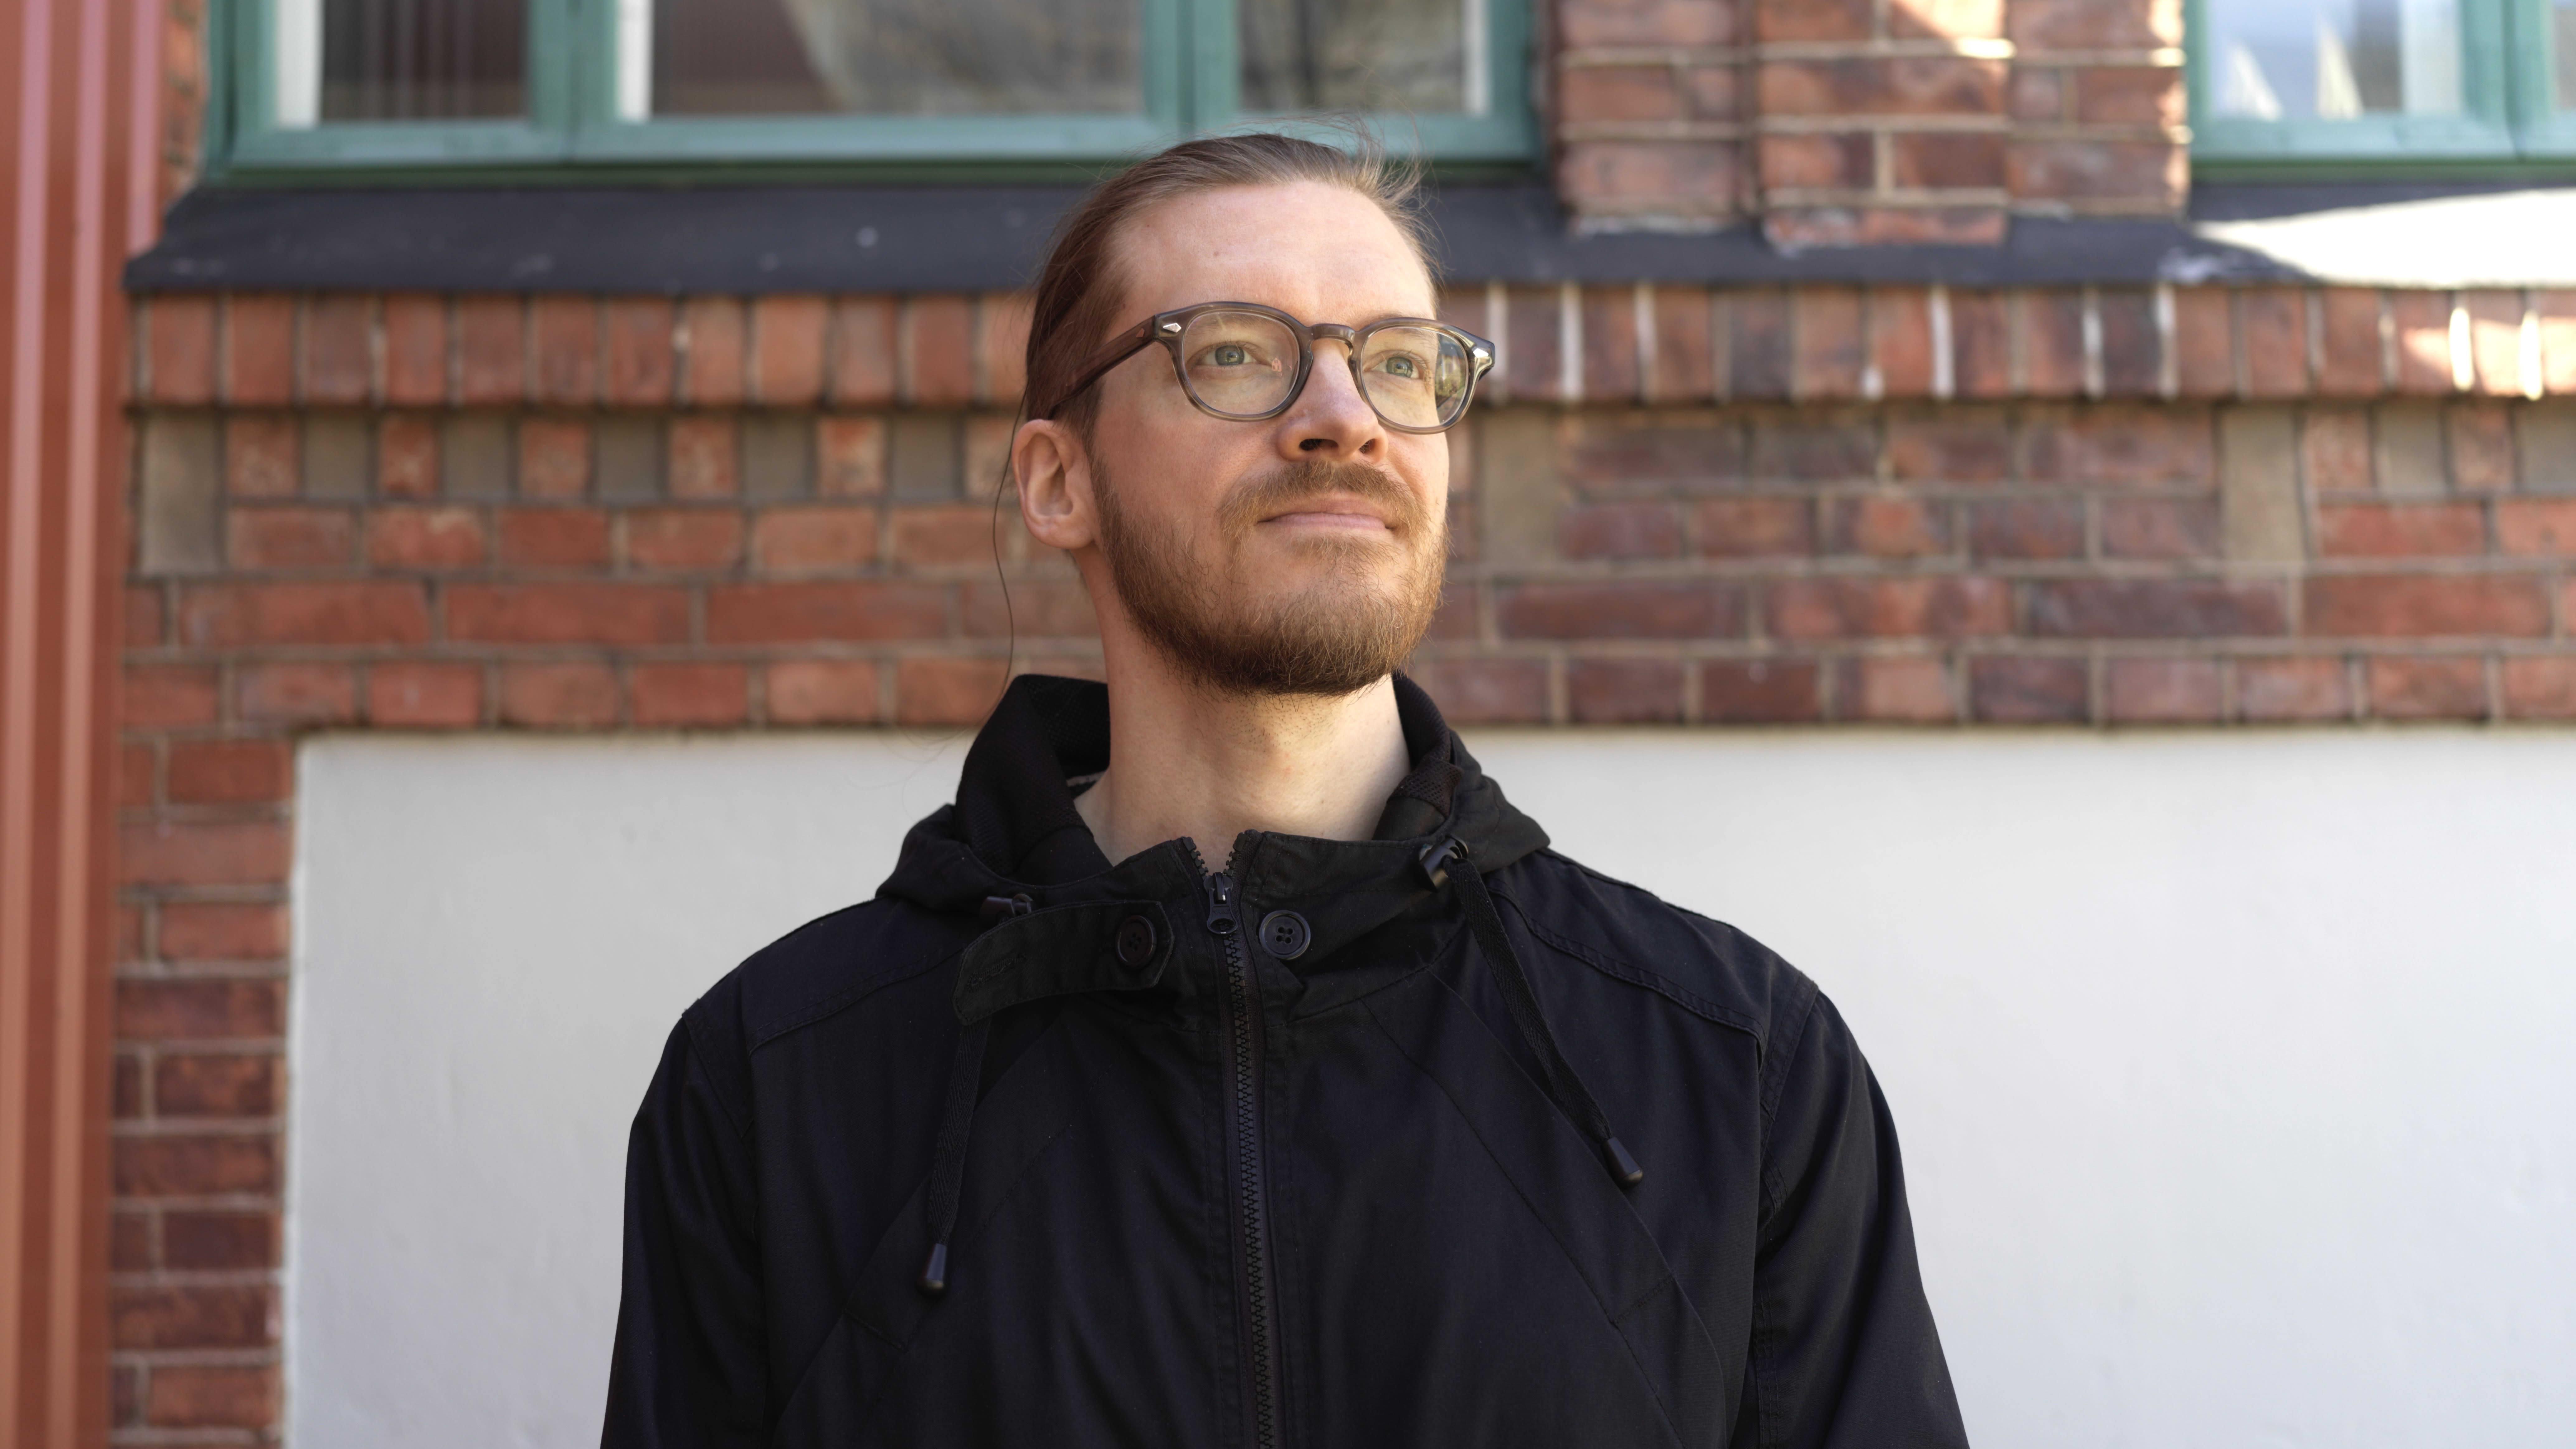 Oululainen tutkijatohtori Pauli Ohukainen hakee astronautiksi